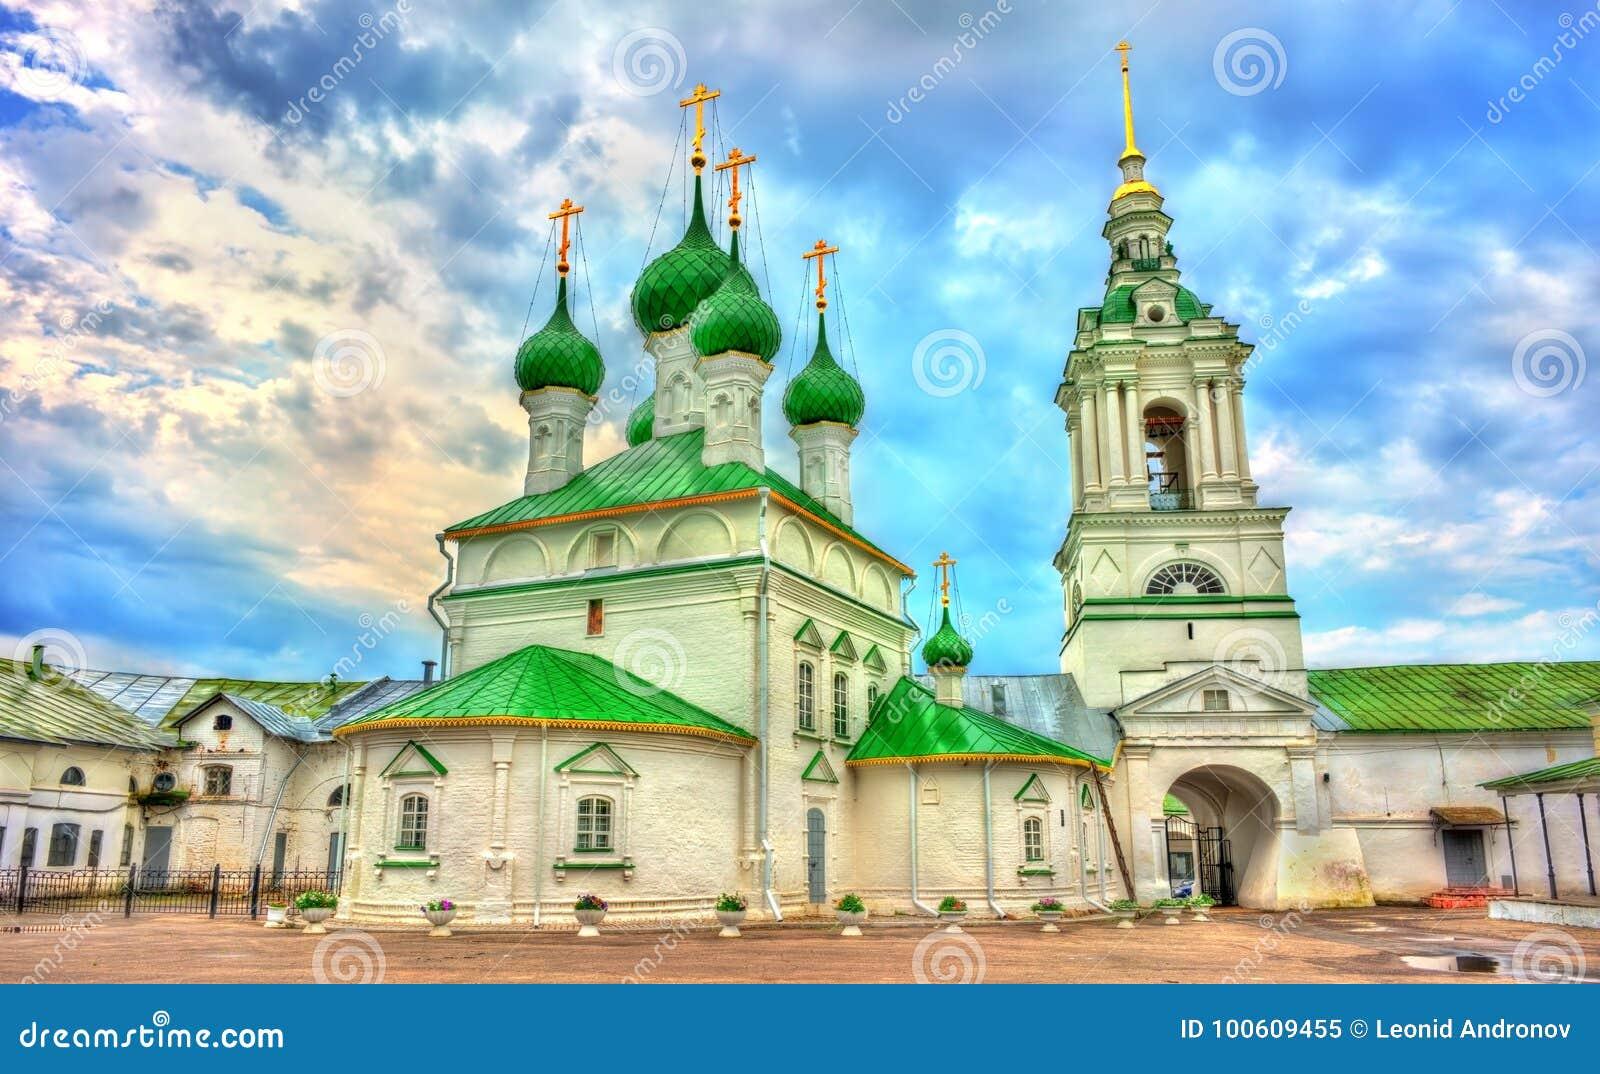 Εκκλησία του Savior στις εμπορικές συναλλαγές arcades σε Kostroma, Ρωσία